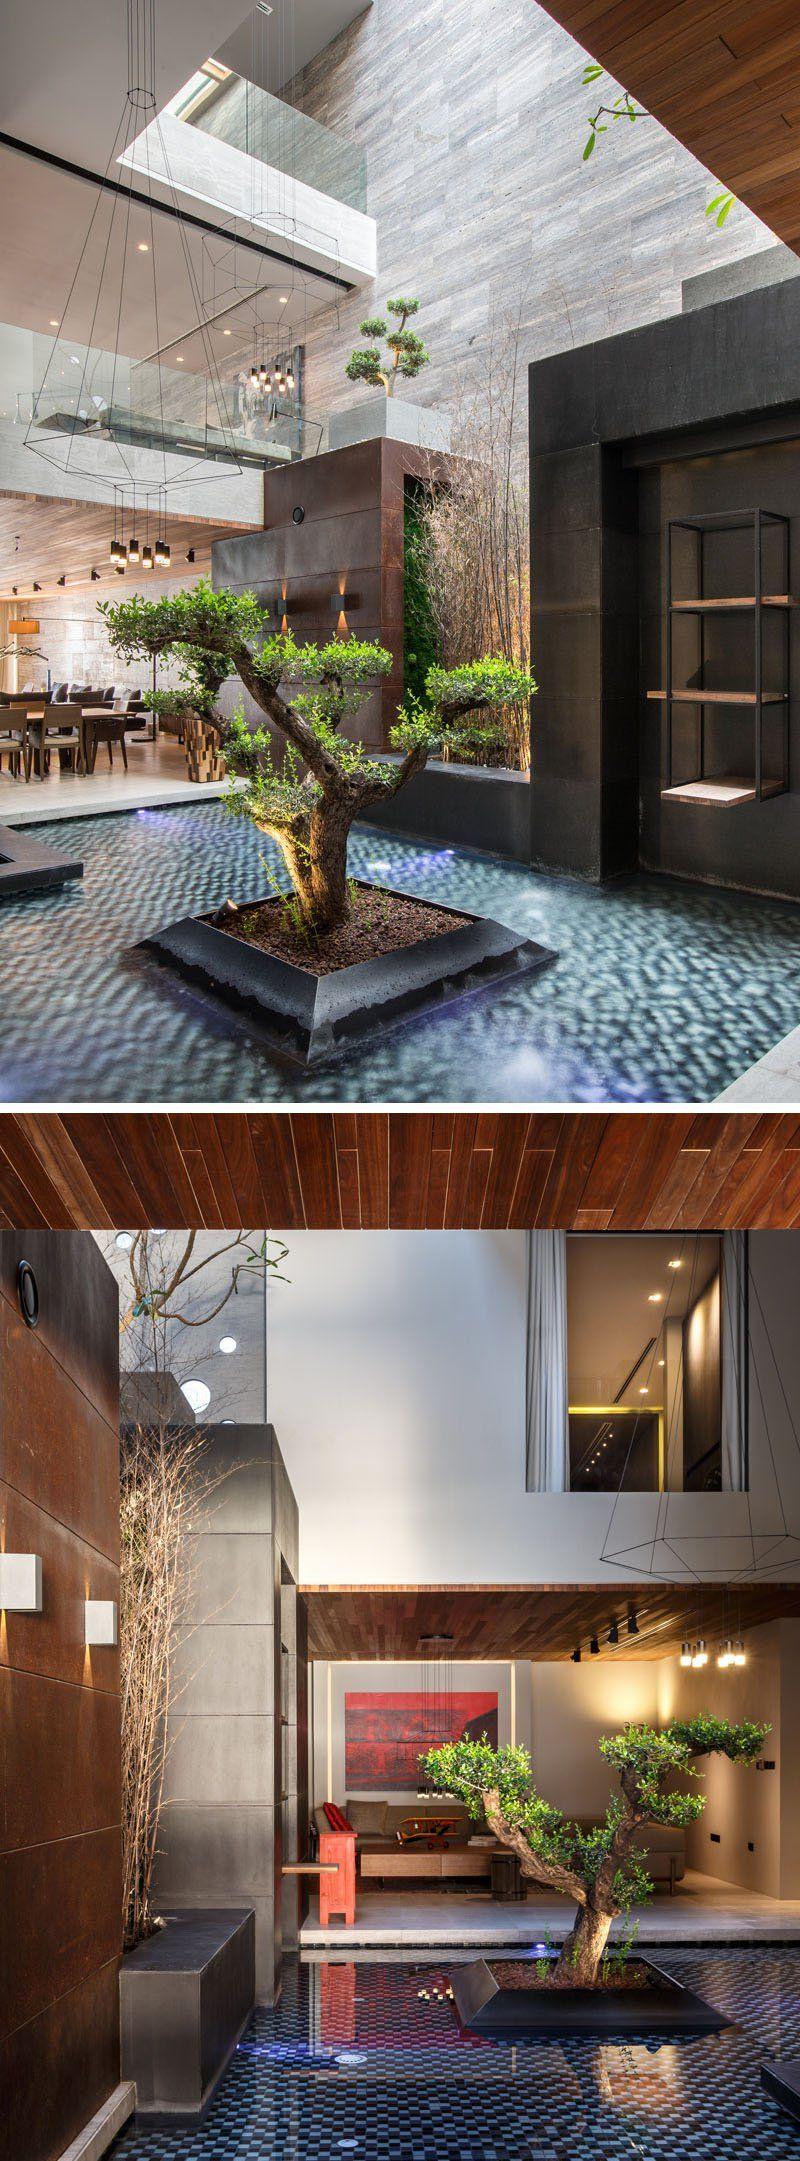 Dise o de una casa moderna con impresionantes vistas al - Tragaluces para tejados ...